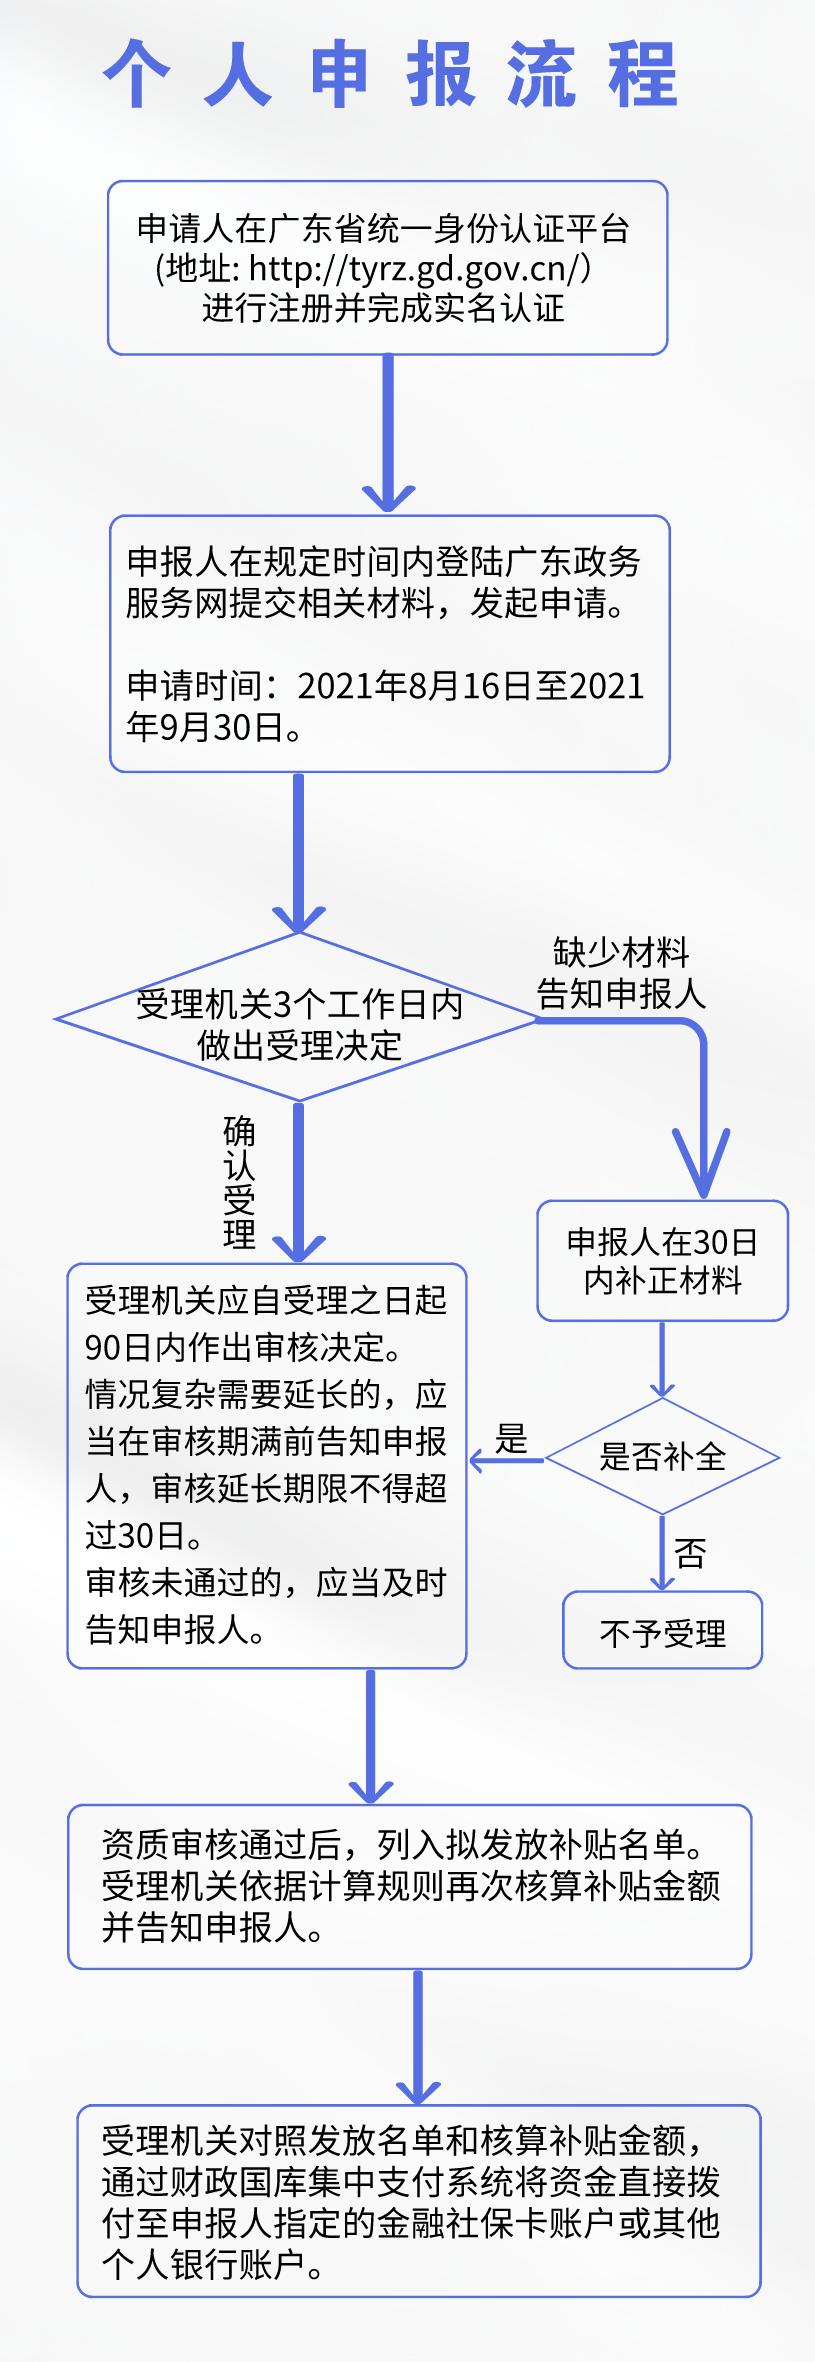 默认标题_自定义px_2021-08-11-0.png